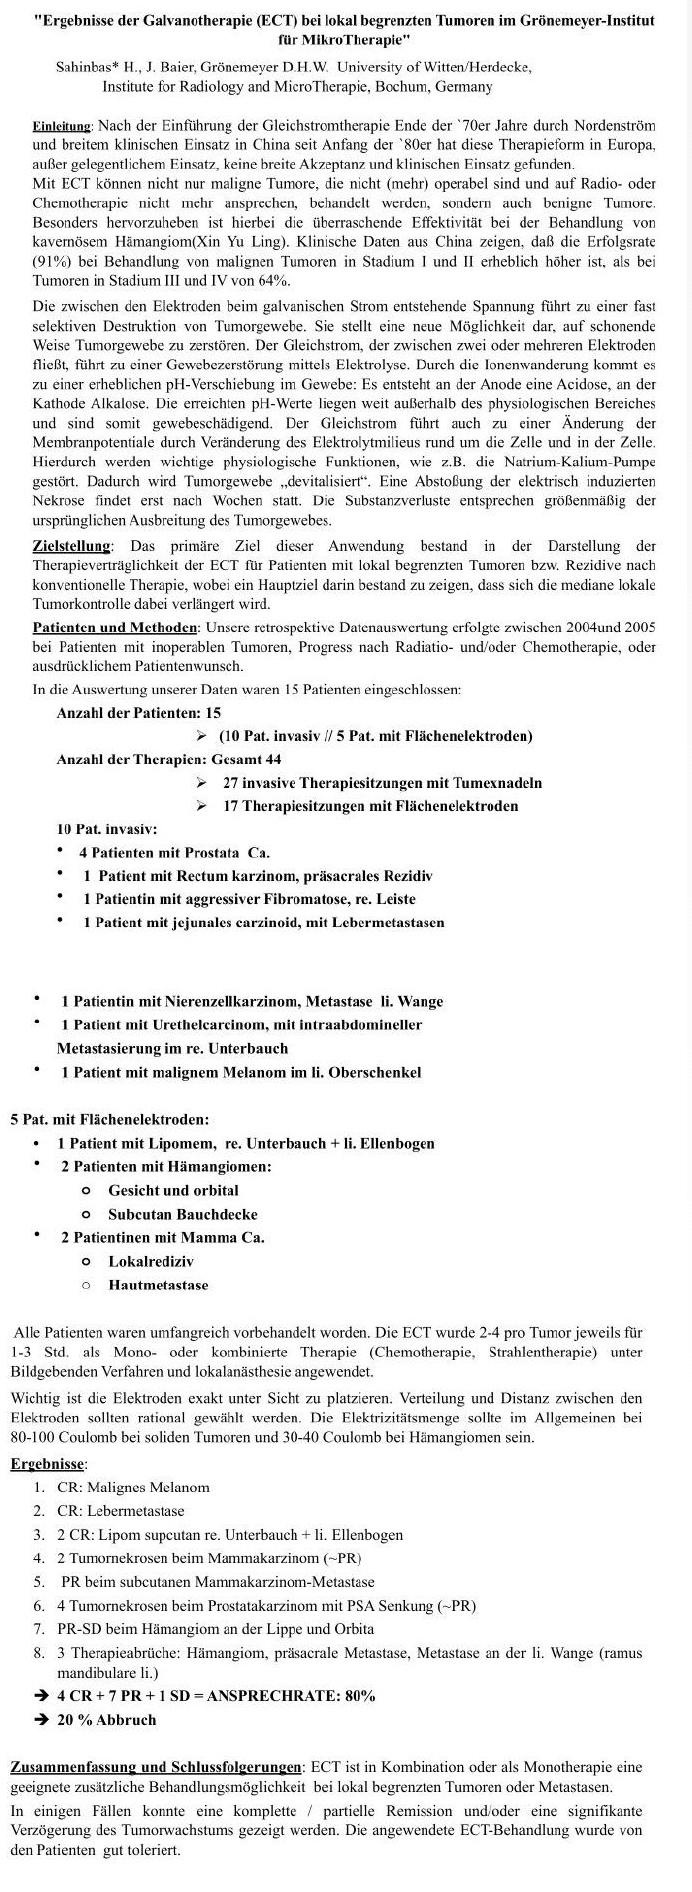 Groenemeyer_ECT_Studie.jpg